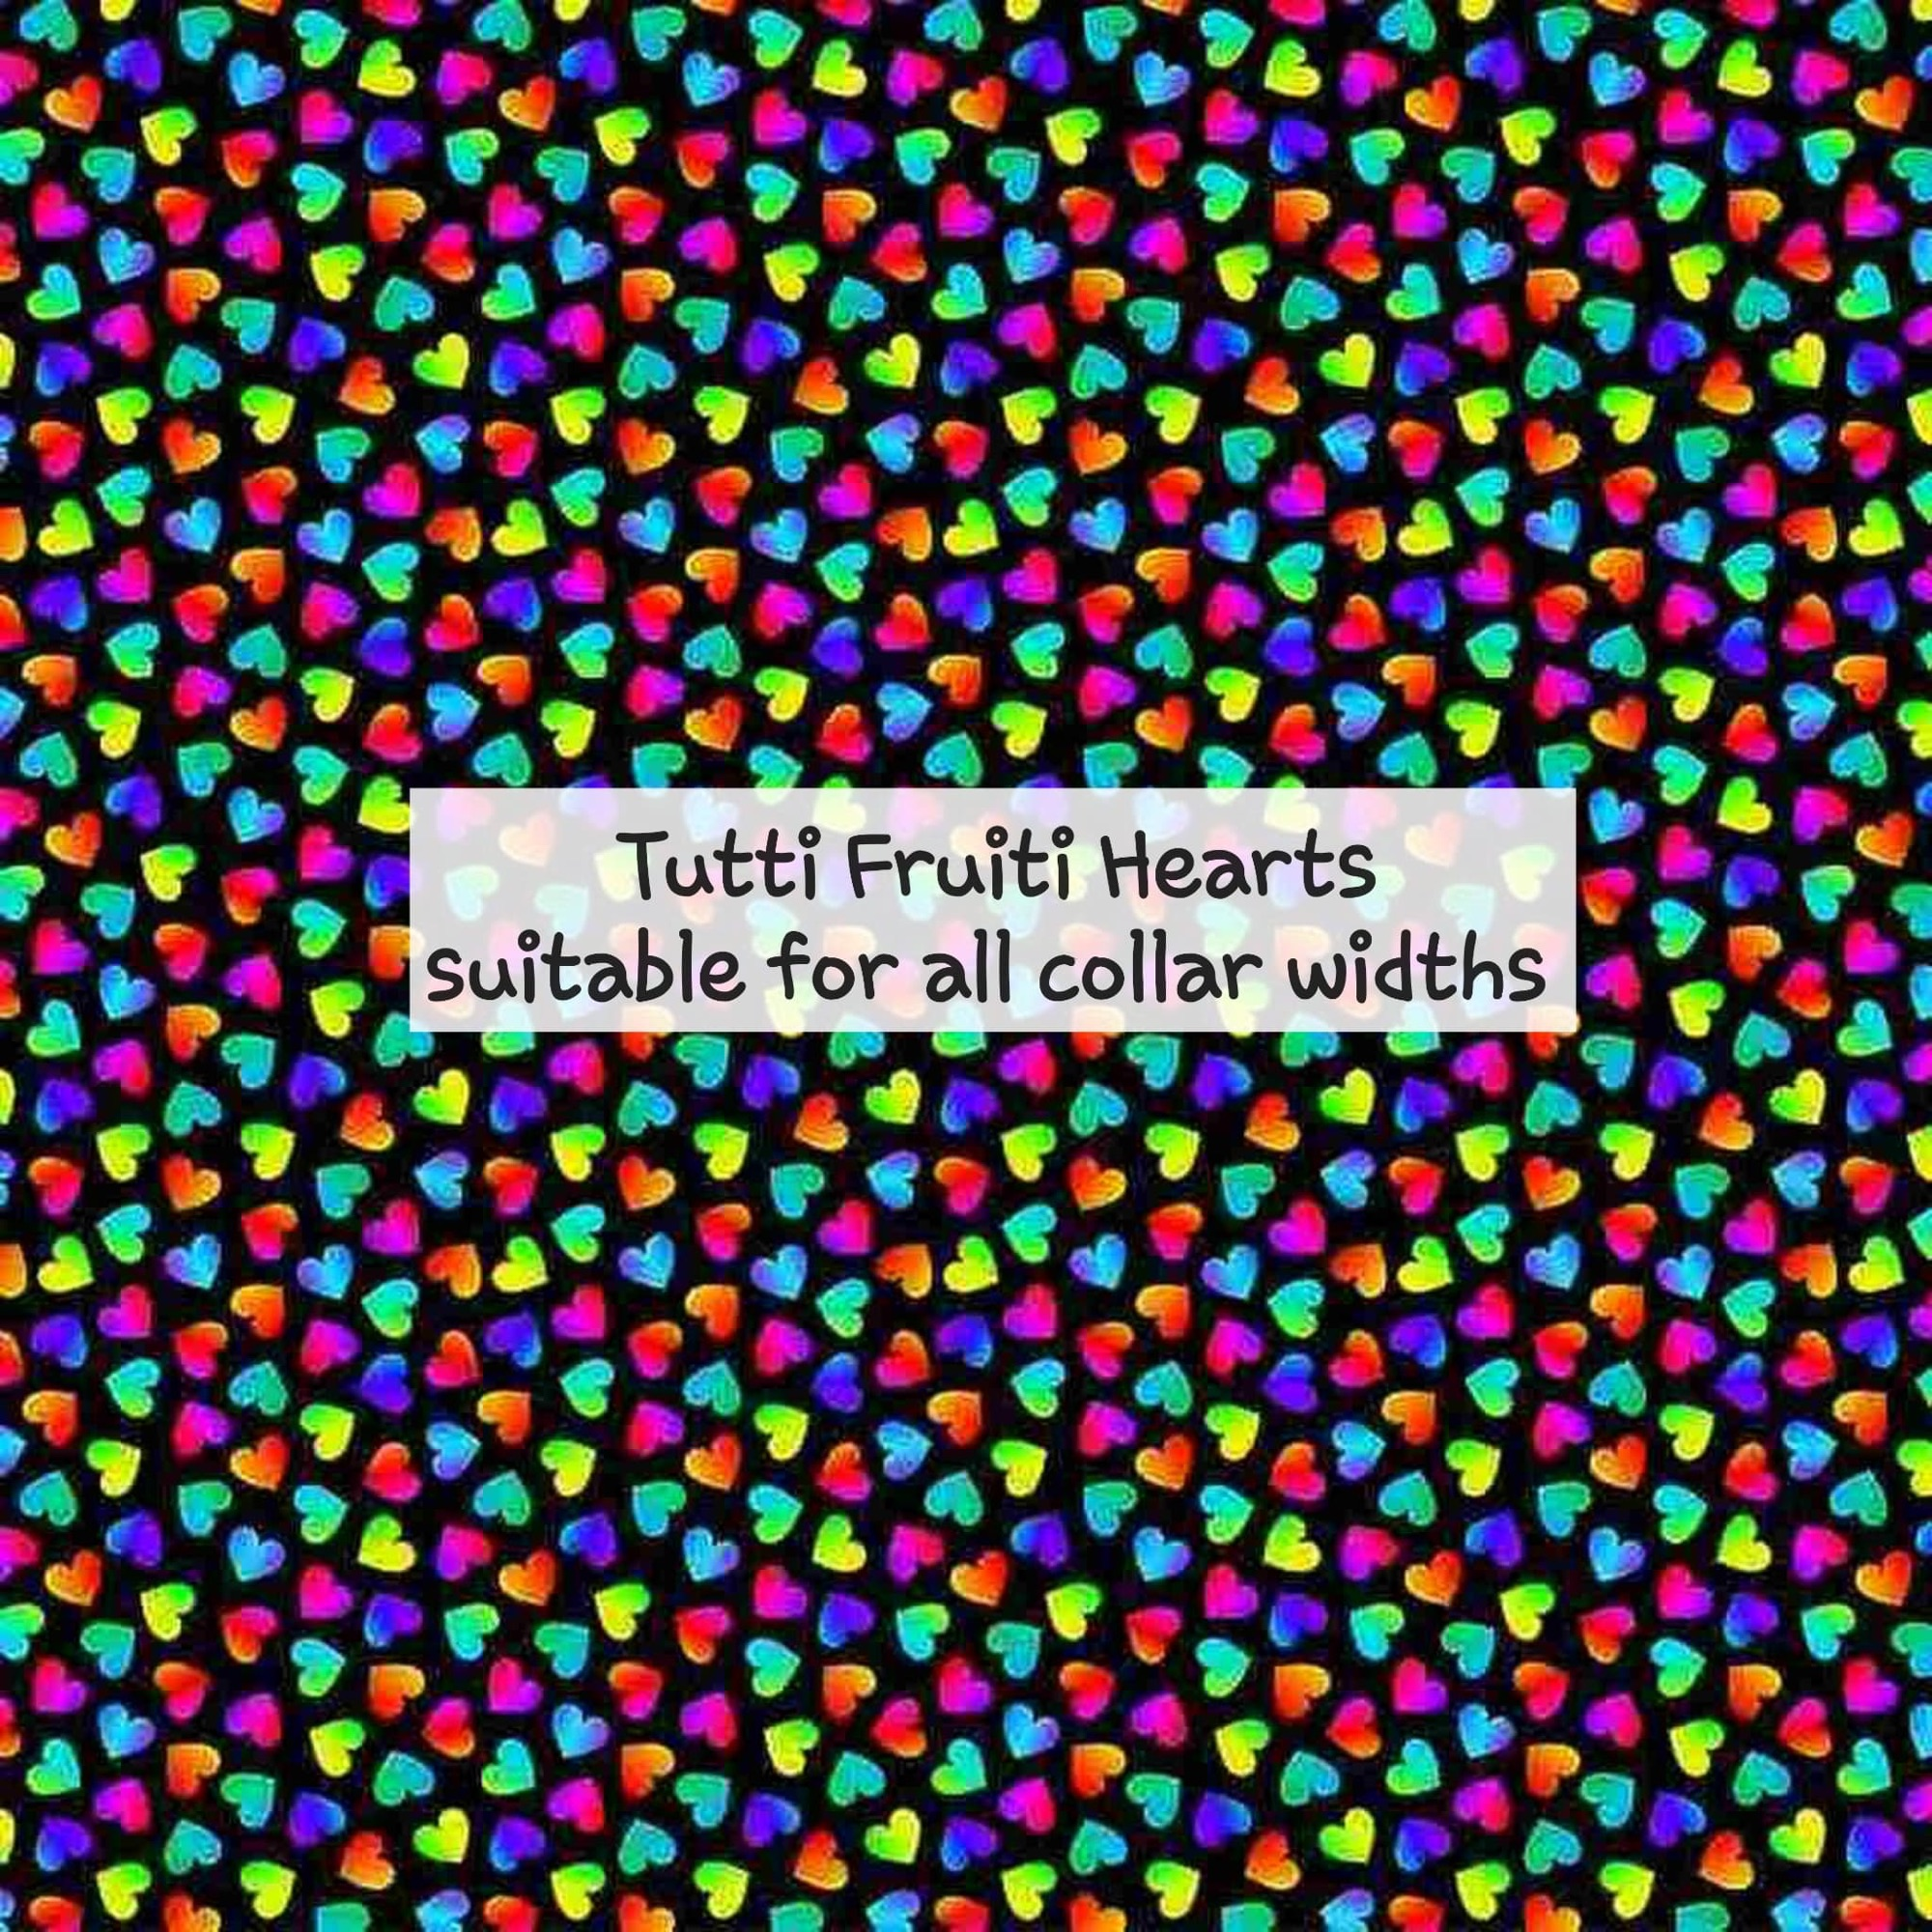 tutti fruiti hearts